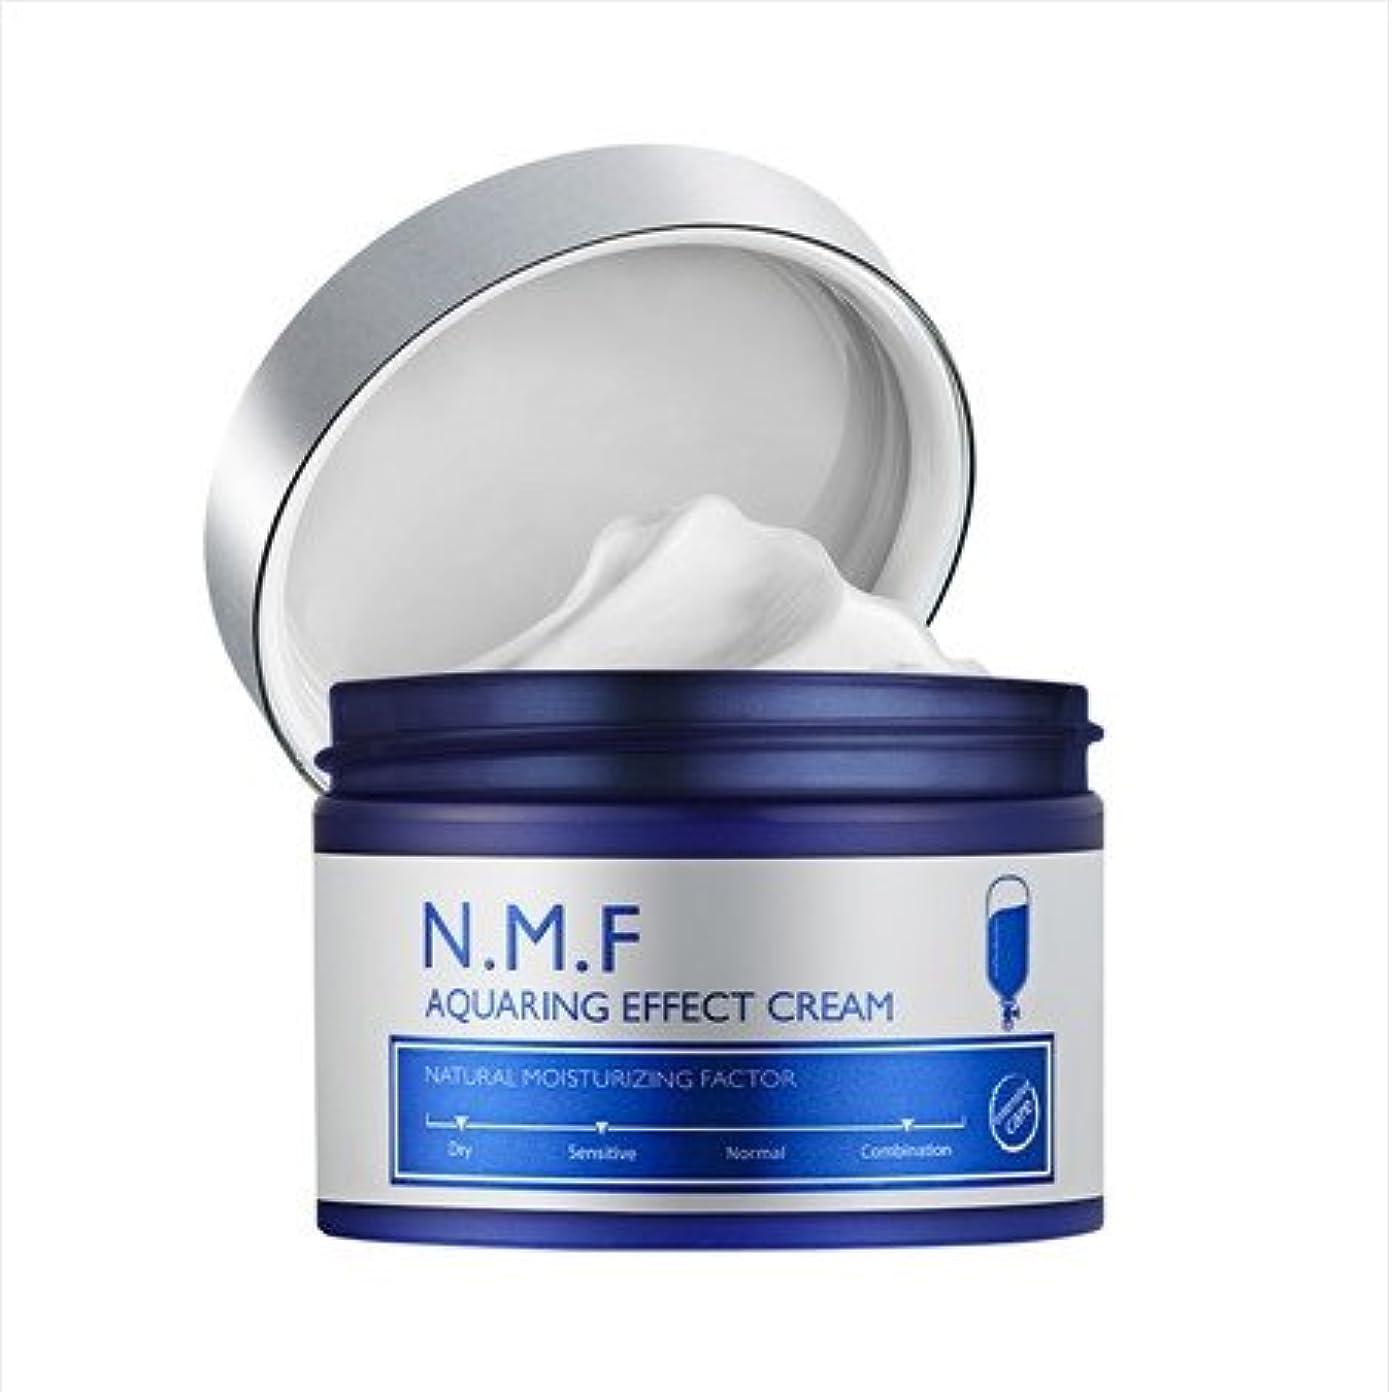 爆発電気陽性効率メディヒール Mediheal N.M.F クアリングエフェクトクリームNMF Aqua Ring Effect Cream 50ml [並行輸入品]